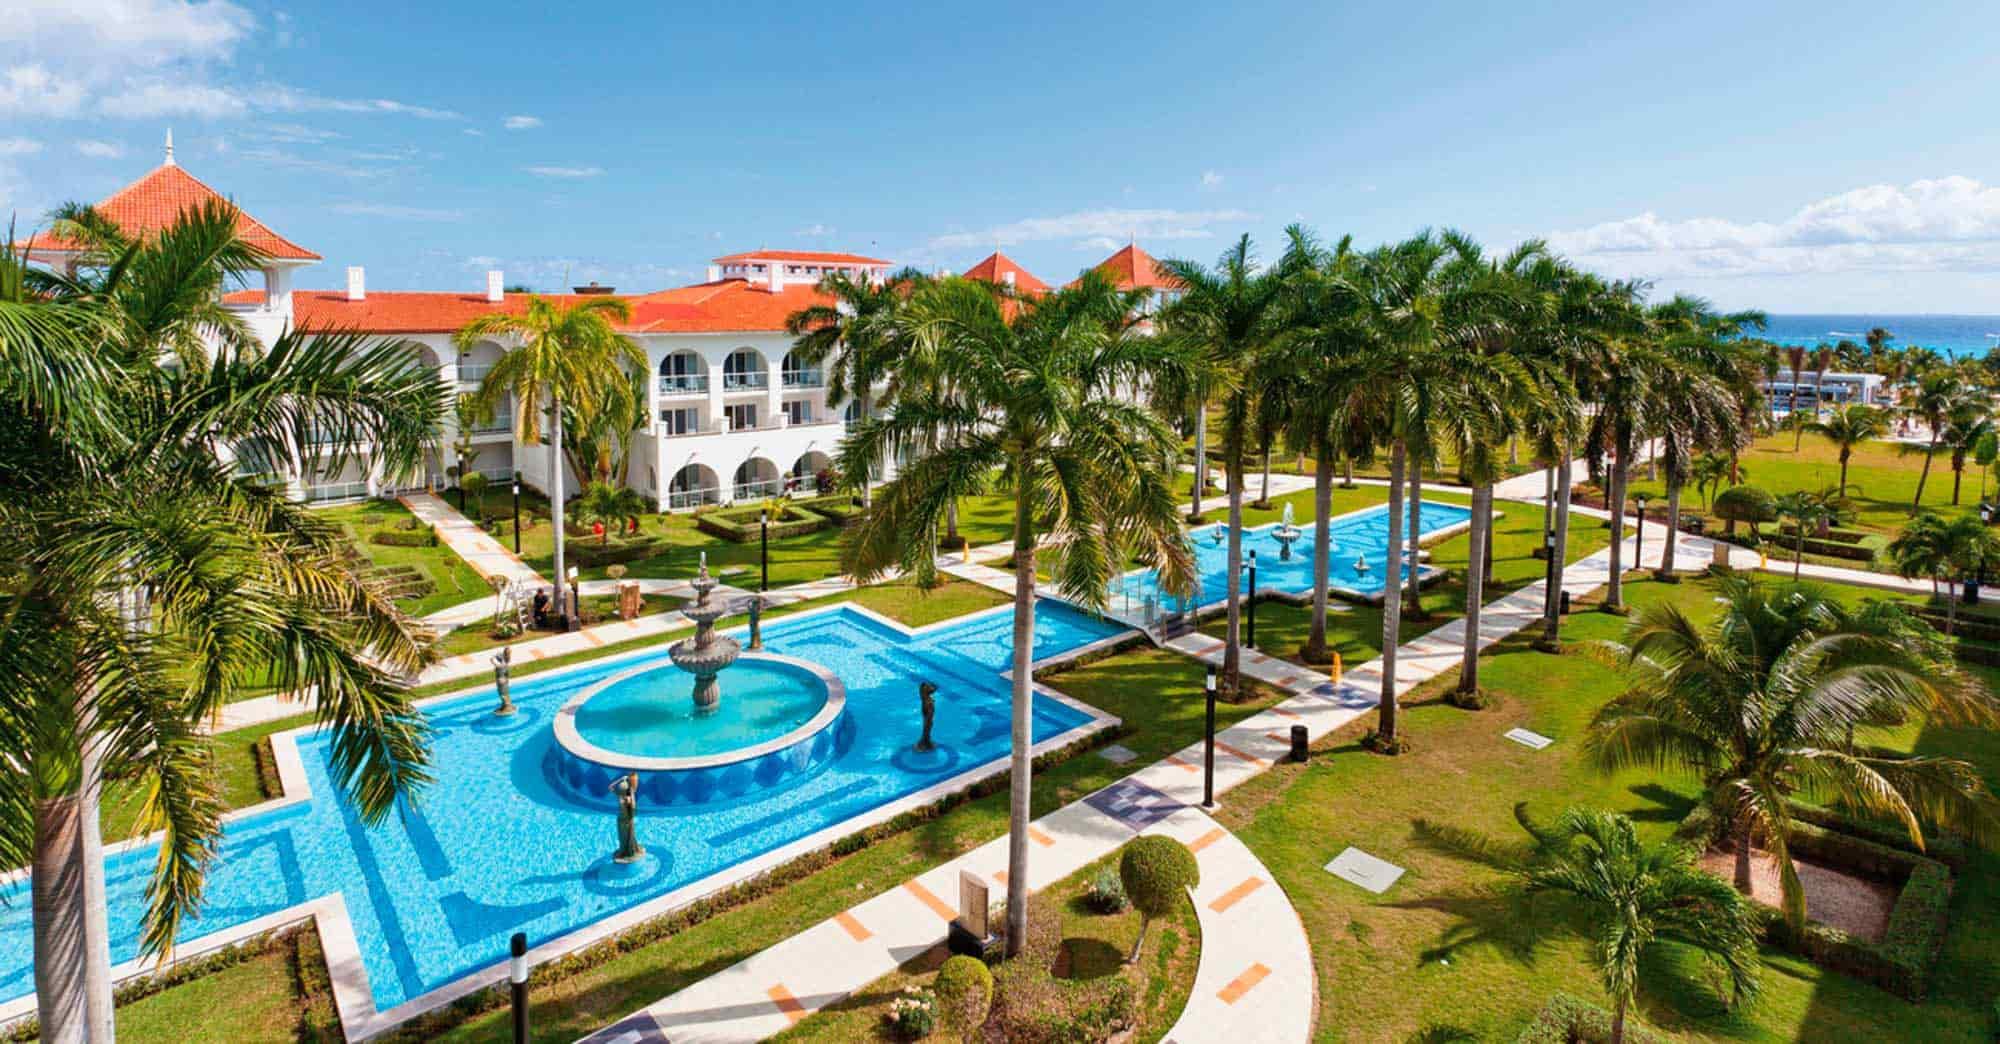 hotel all inclusive mexique